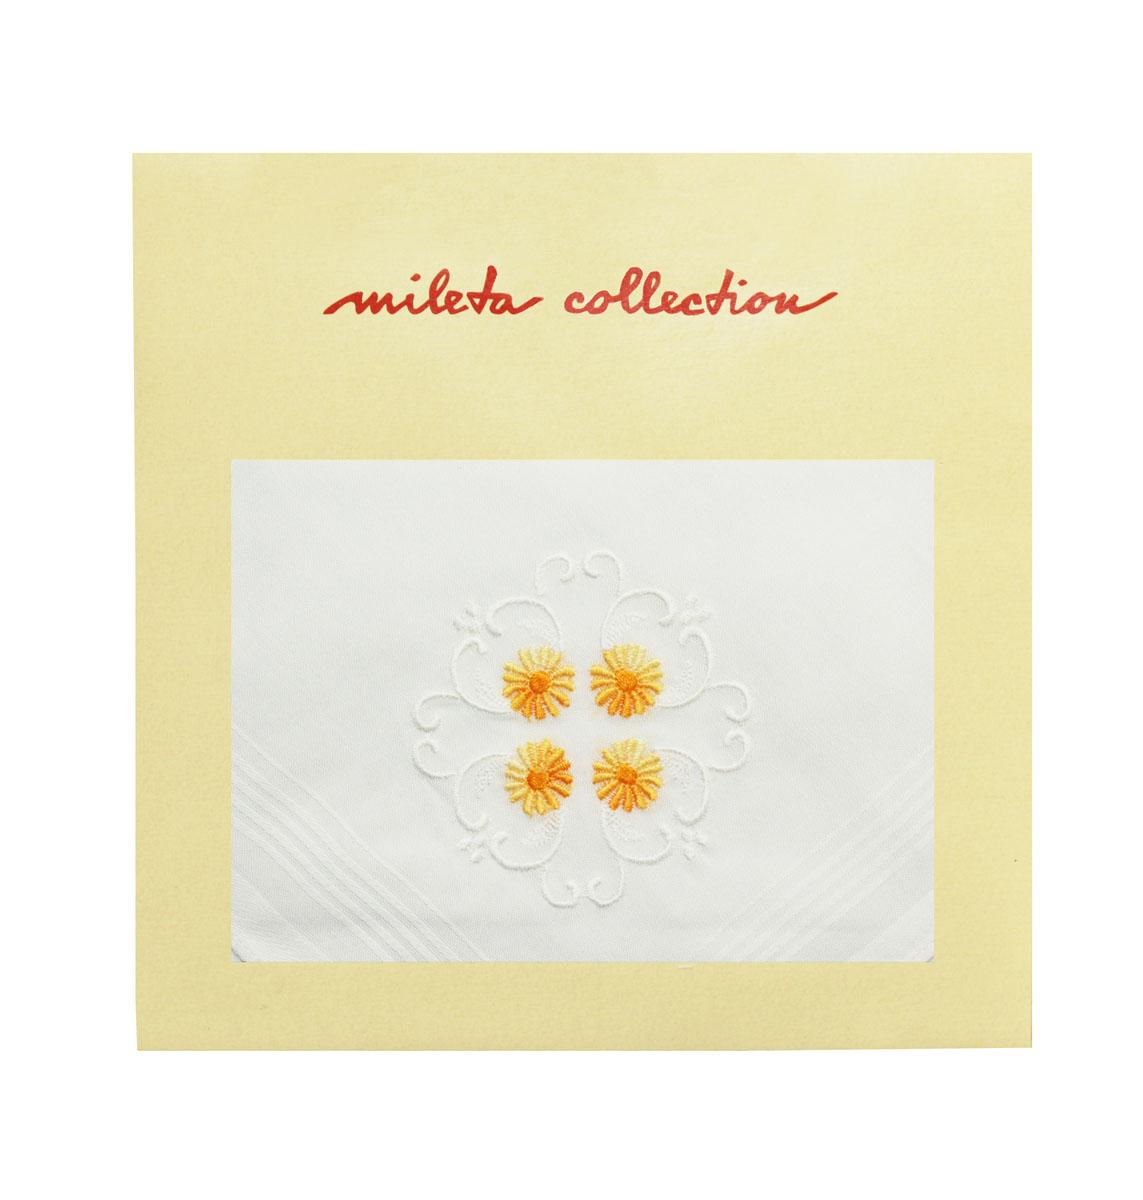 19701-31 Zlata Korunka Носовой платок женский, цвет: мультиколор, 30х30 см19701-31Платки носовые женские в упаковке по 1 шт. Носовые платки изготовлены из 100% хлопка, так как этот материал приятен в использовании, хорошо стирается, не садится, отлично впитывает влагу.